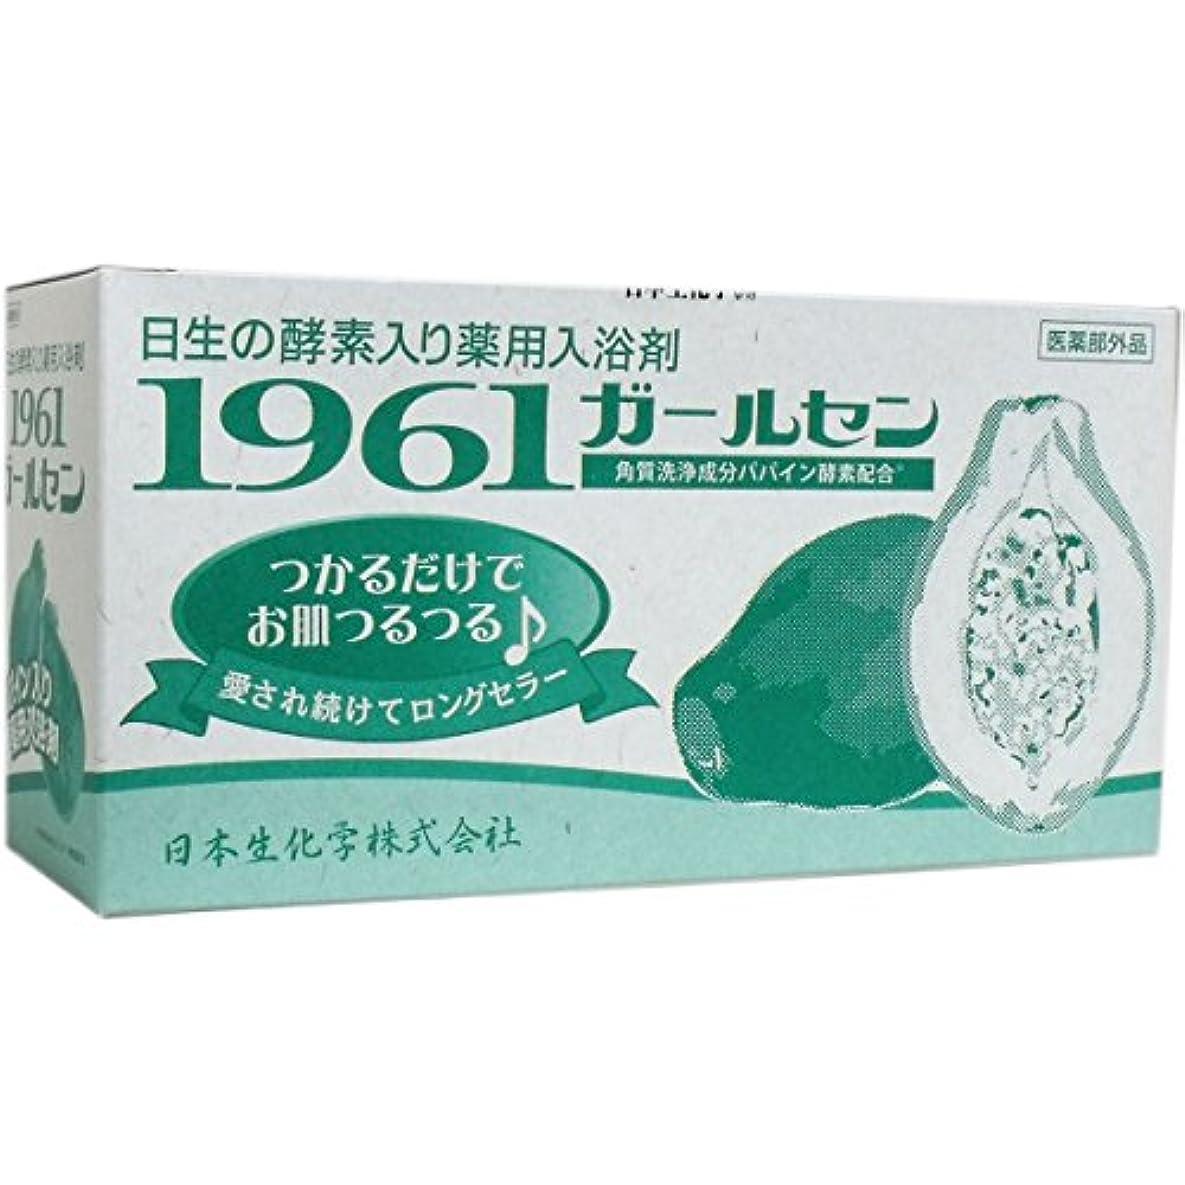 紛争中毒パーツパパイン酵素配合 薬用入浴剤 1961ガールセン 30包 [並行輸入品]